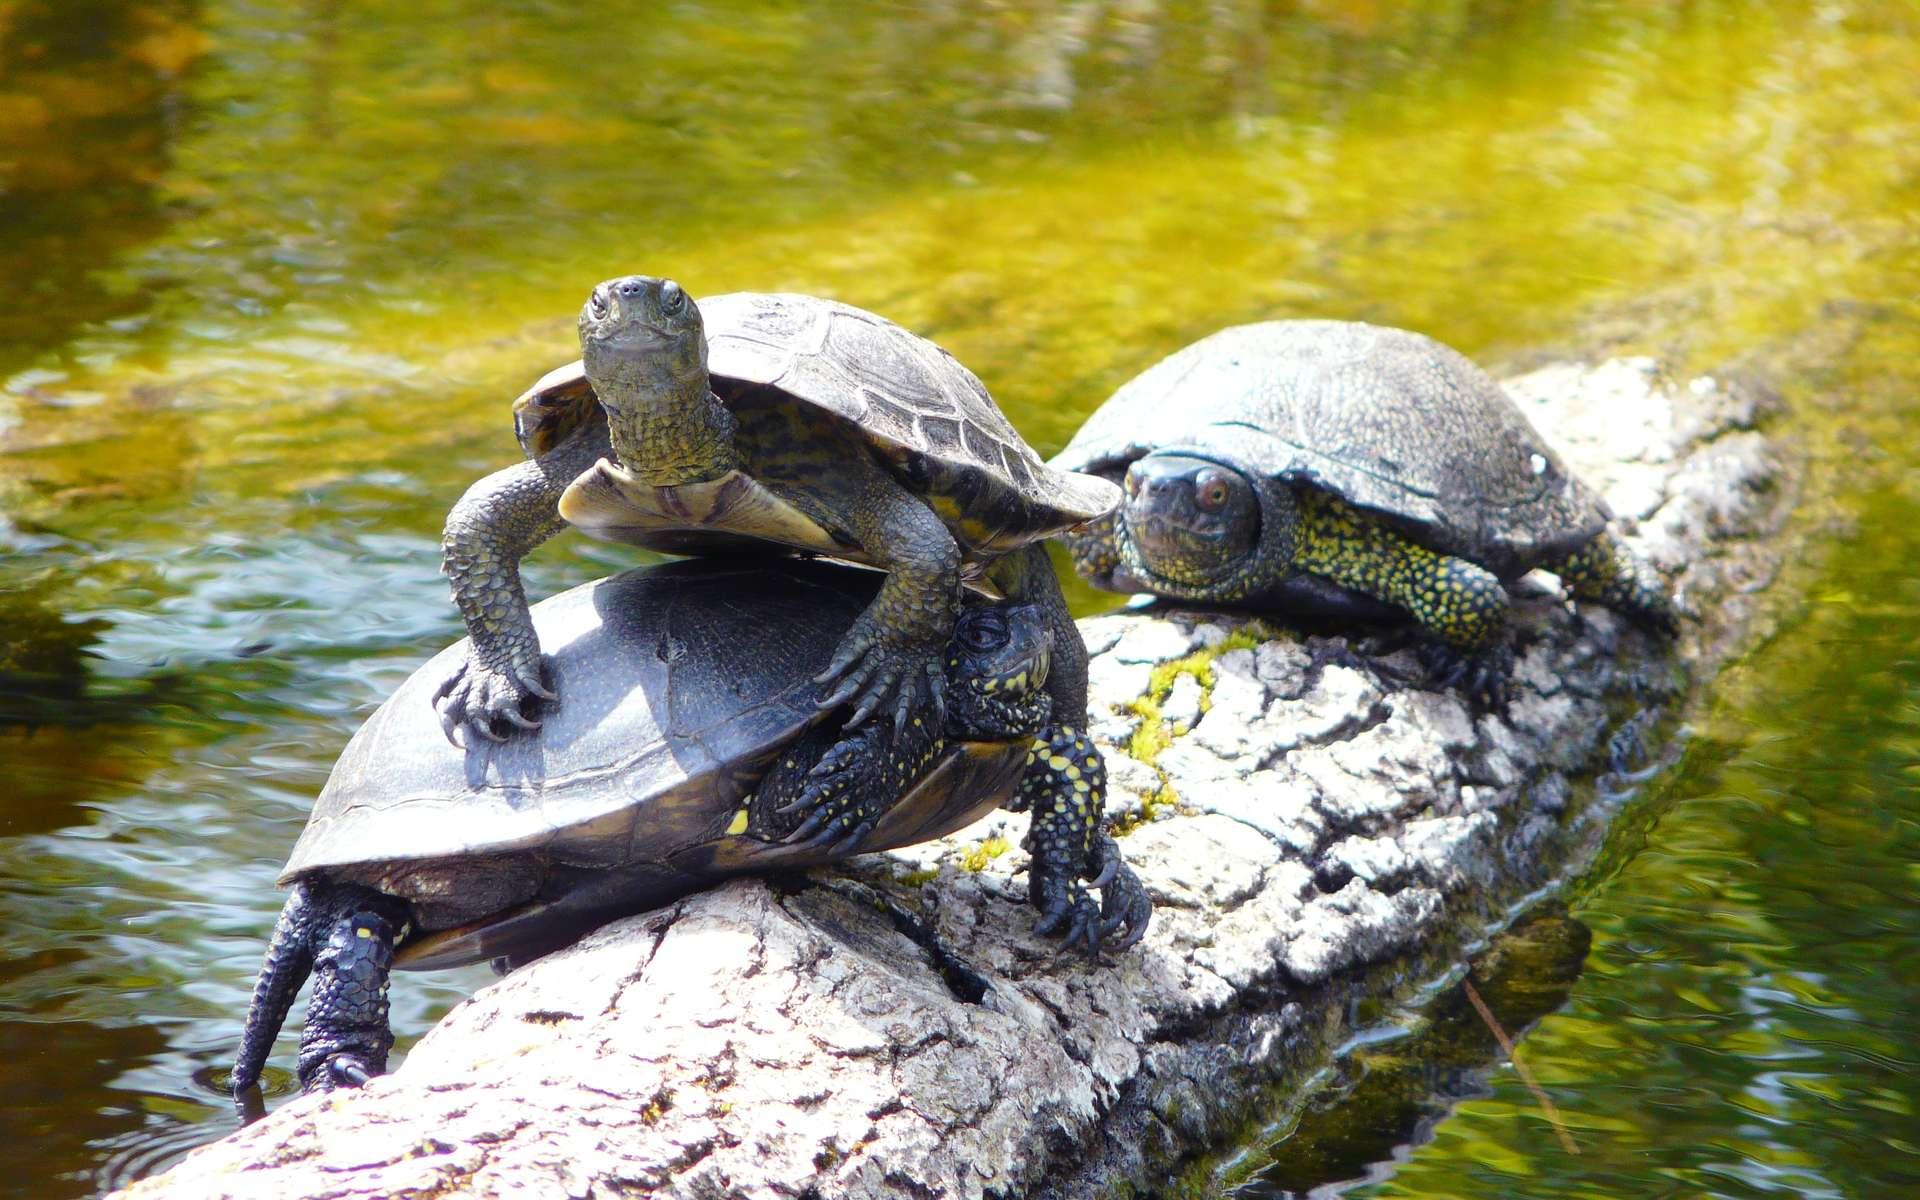 Les tortues aquatiques telles que ces cistudes d'Europe se regroupent parfois en nombre sur les souches ou les pierres pour se réchauffer au soleil. © Patrick Straub